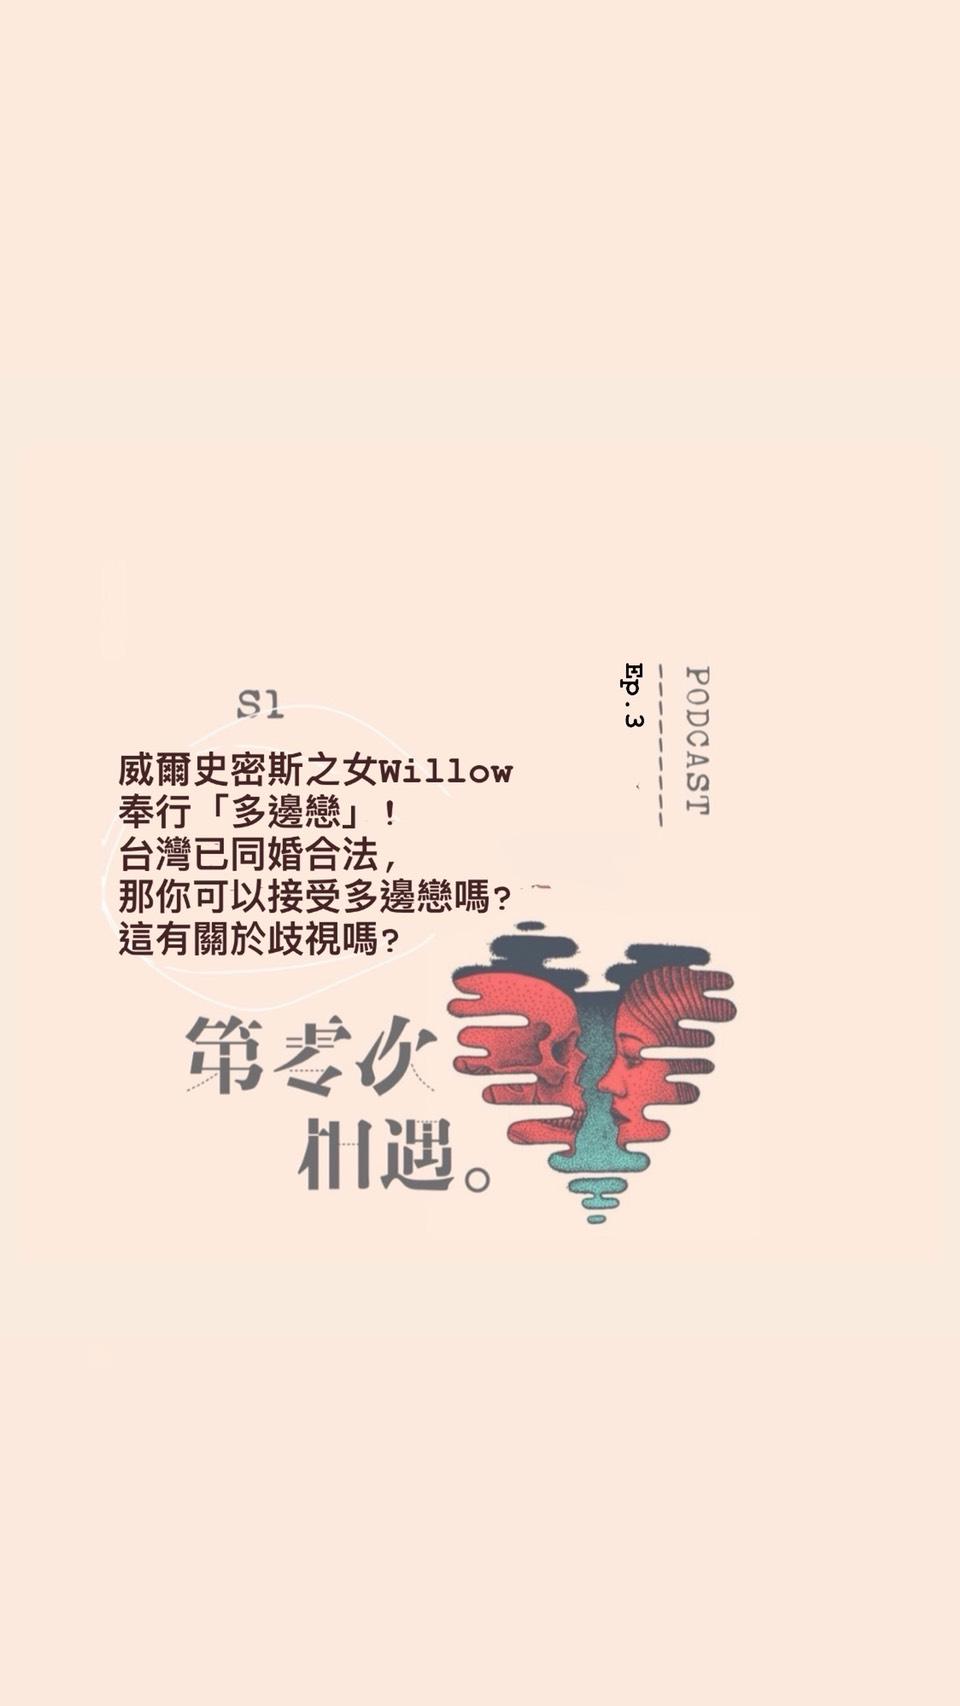 威爾史密斯之女Willow奉行「多邊戀」。台灣已同婚合法,那你可以接受多邊戀嗎?若不接受,這算是另一種歧視嗎? 洪甯熙。S1 Ep.3